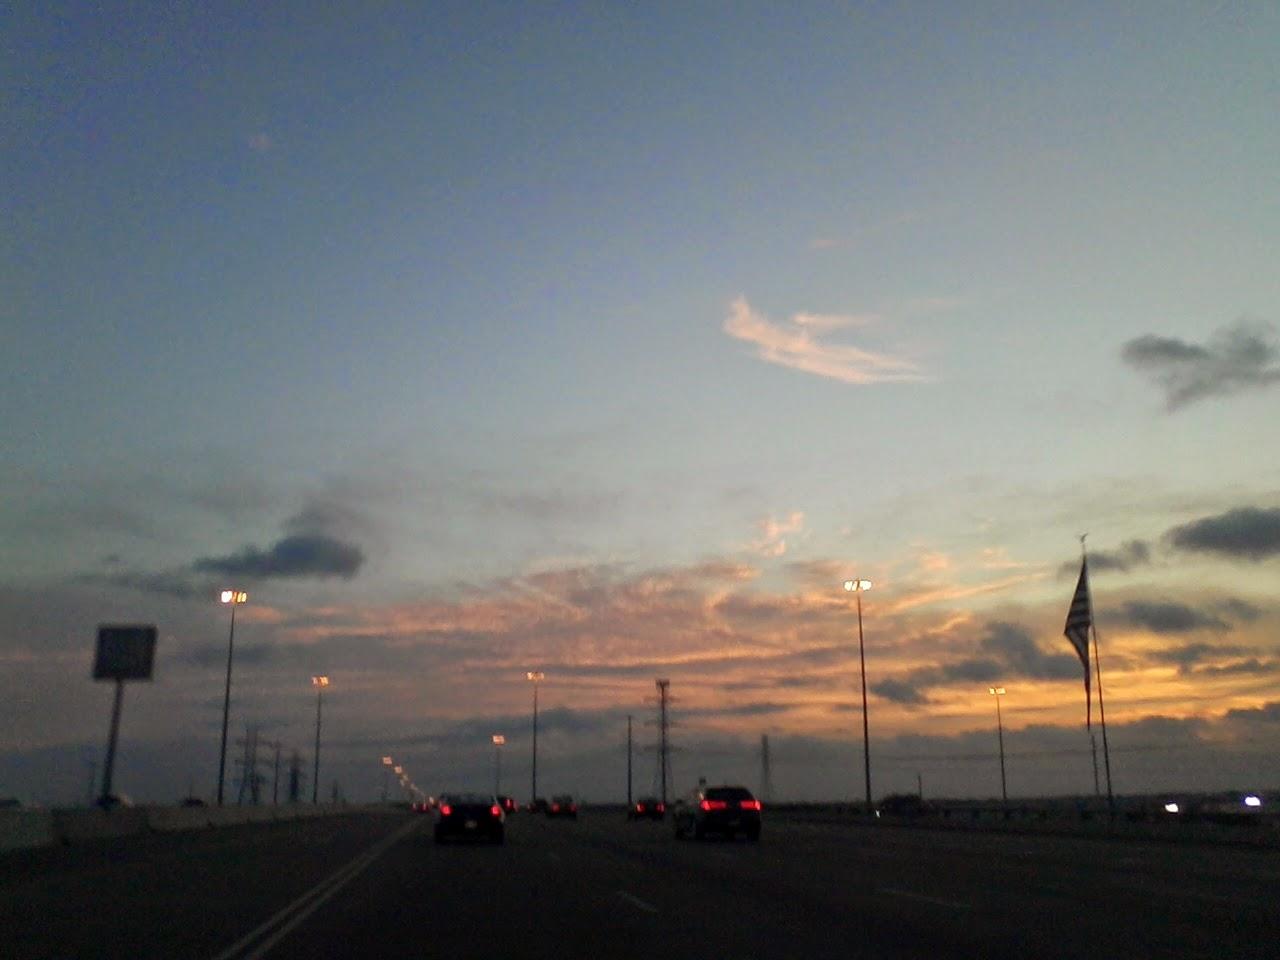 Sky - 0424064240.jpg